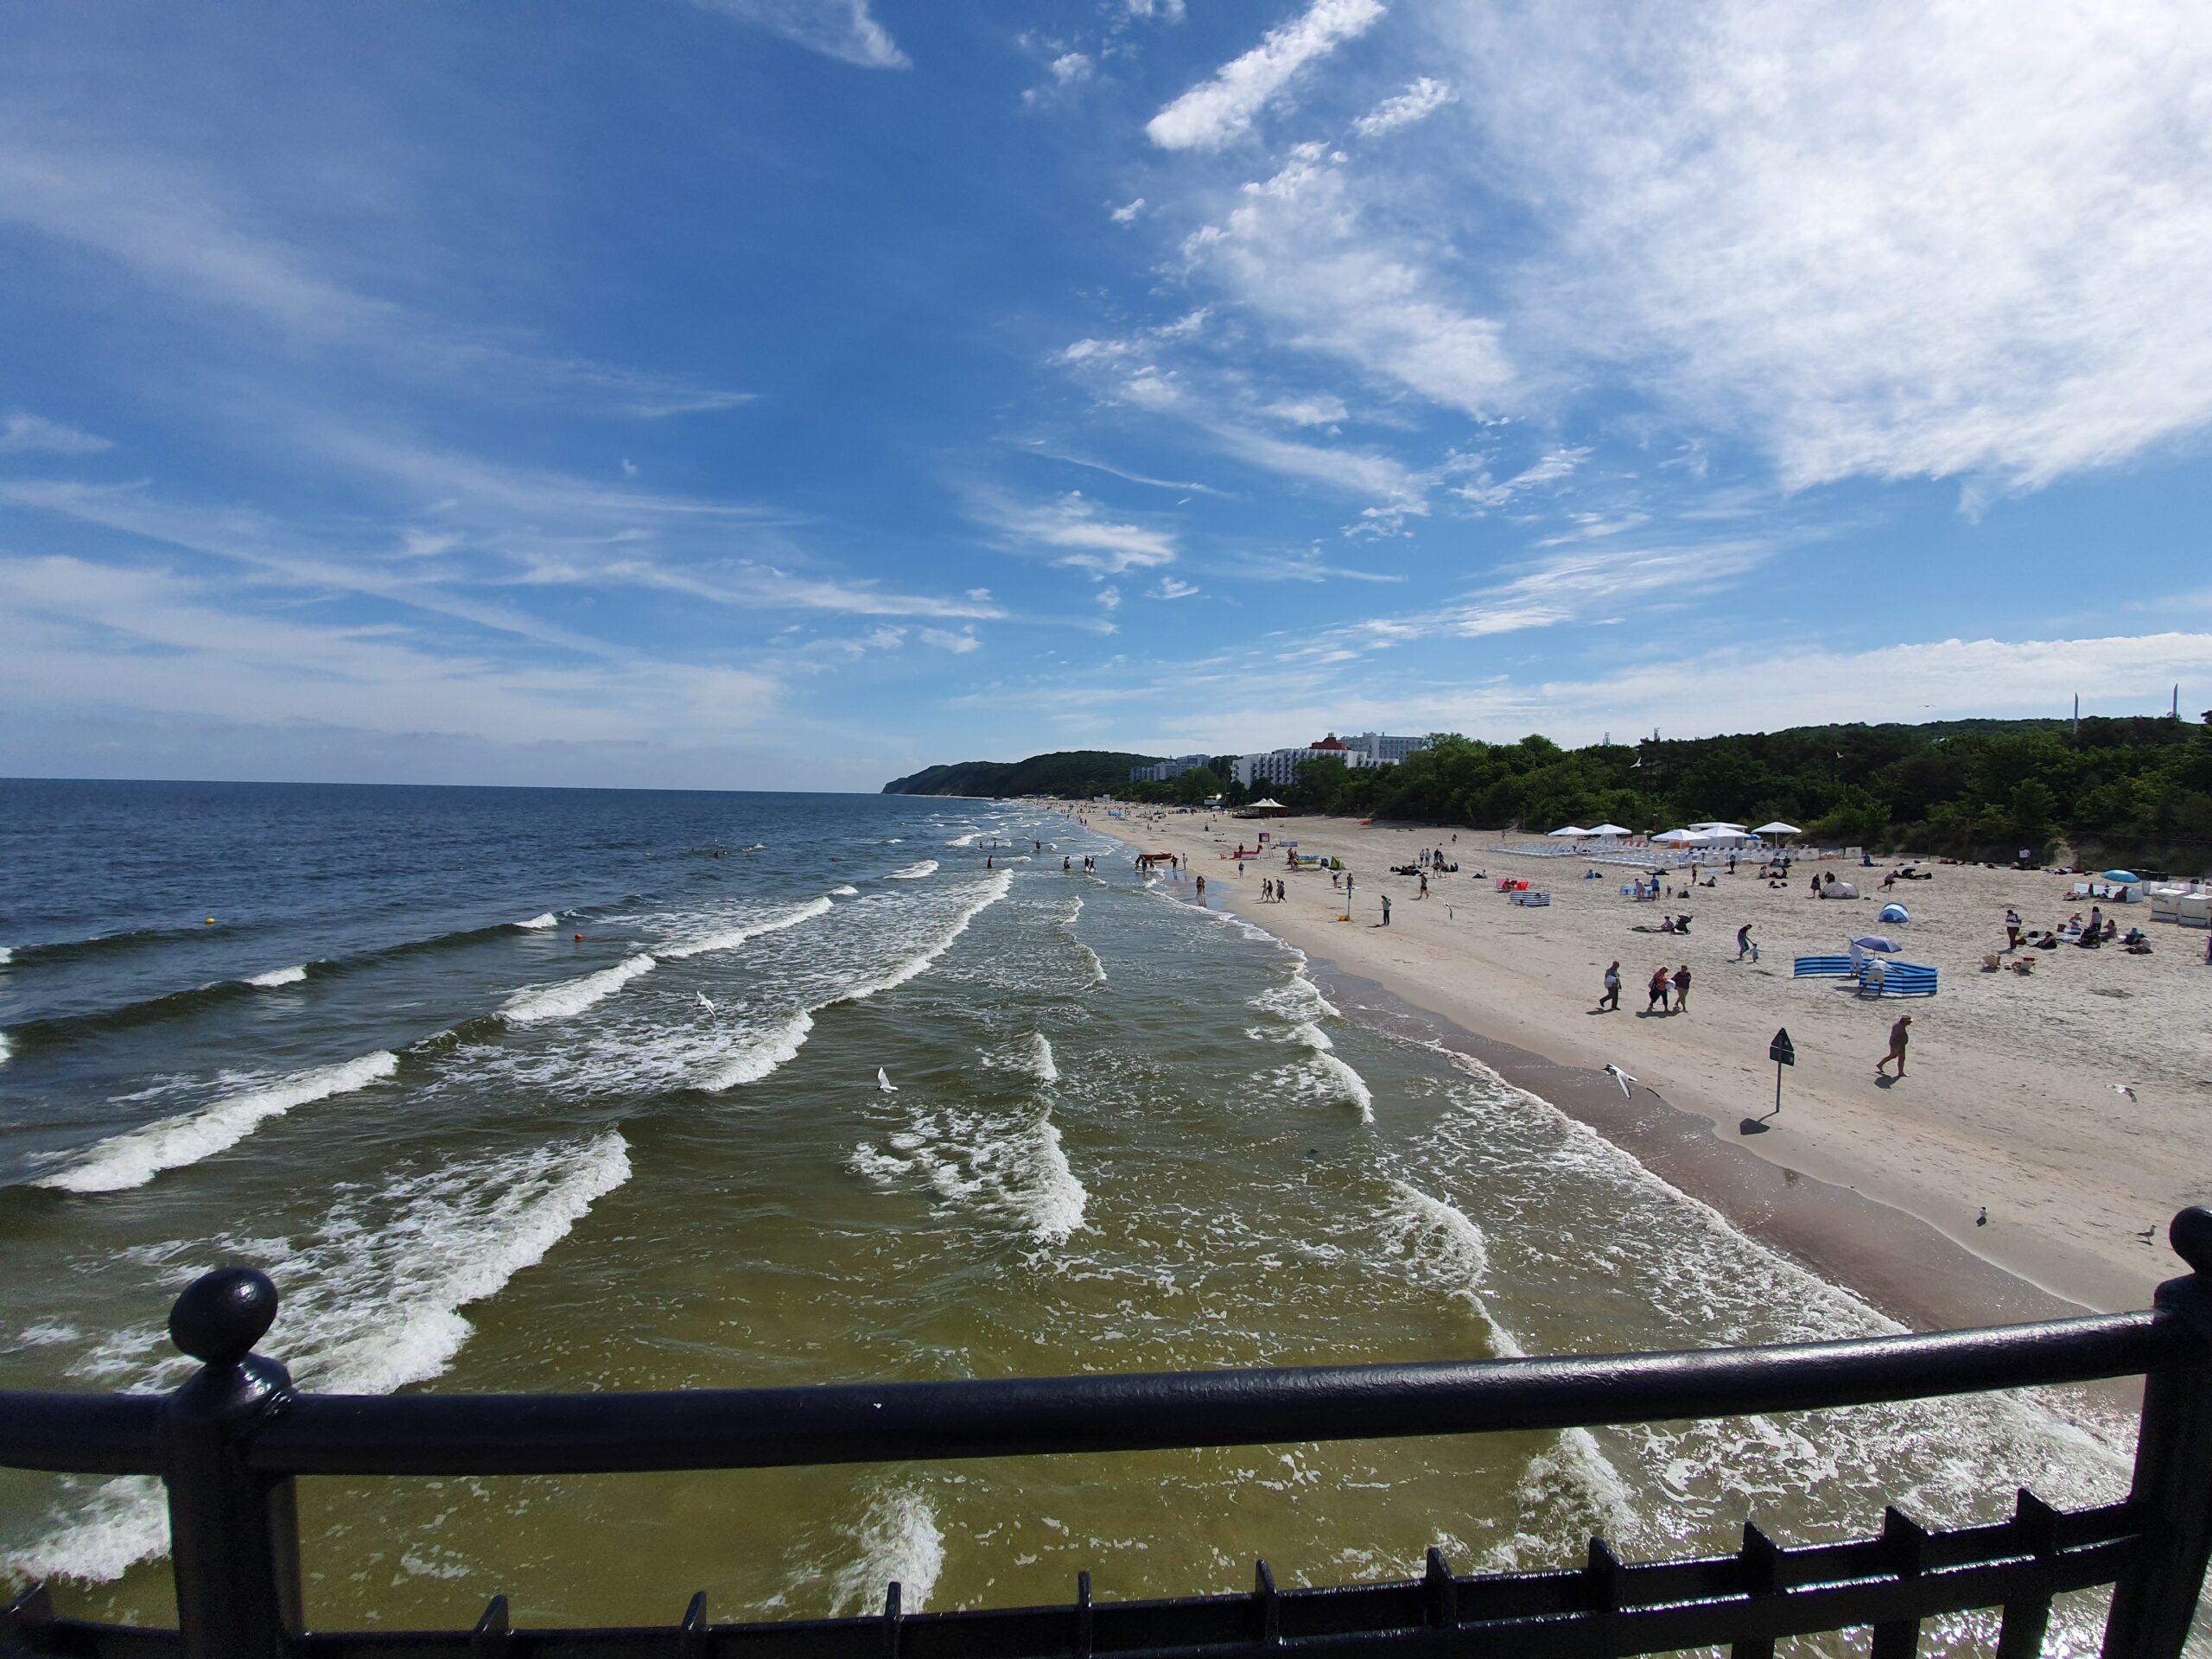 Duży wzrost cen nad morzem i w kurortach turystycznych. Jak podnosić ceny, by klienci nie czuli, że ktoś ich oszukuje?